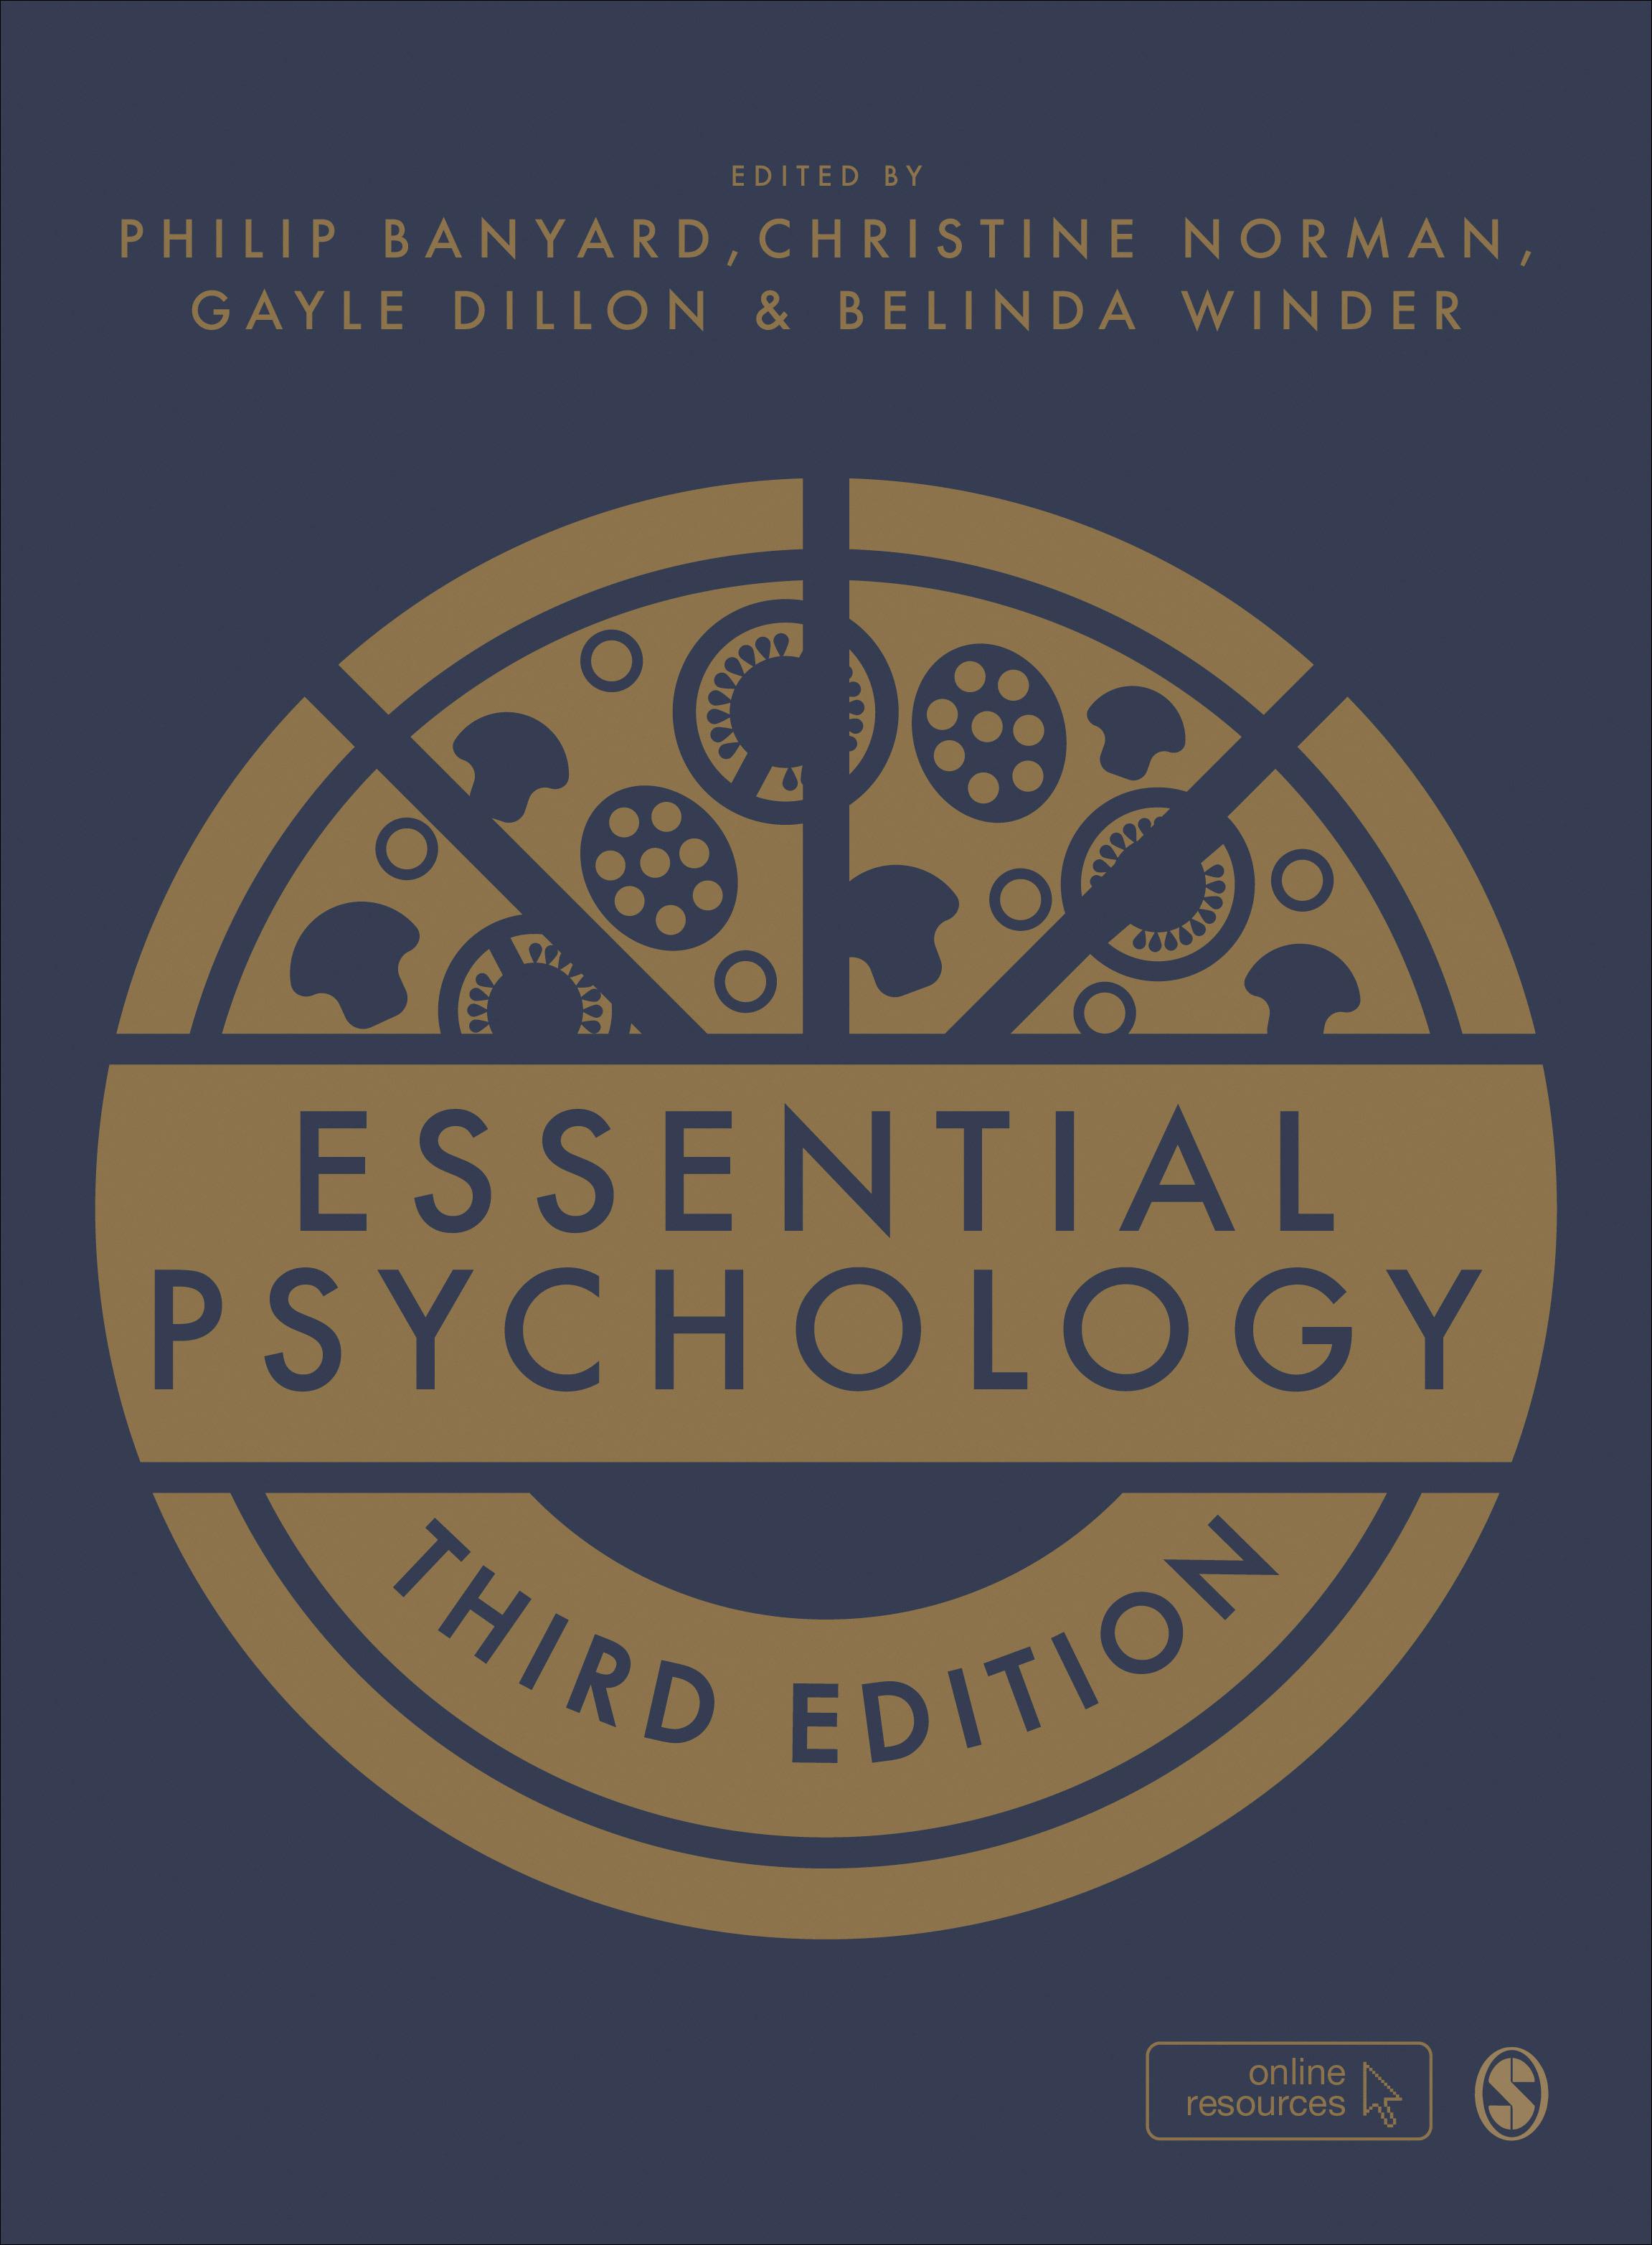 Essential Psychology | SAGE Publications Ltd